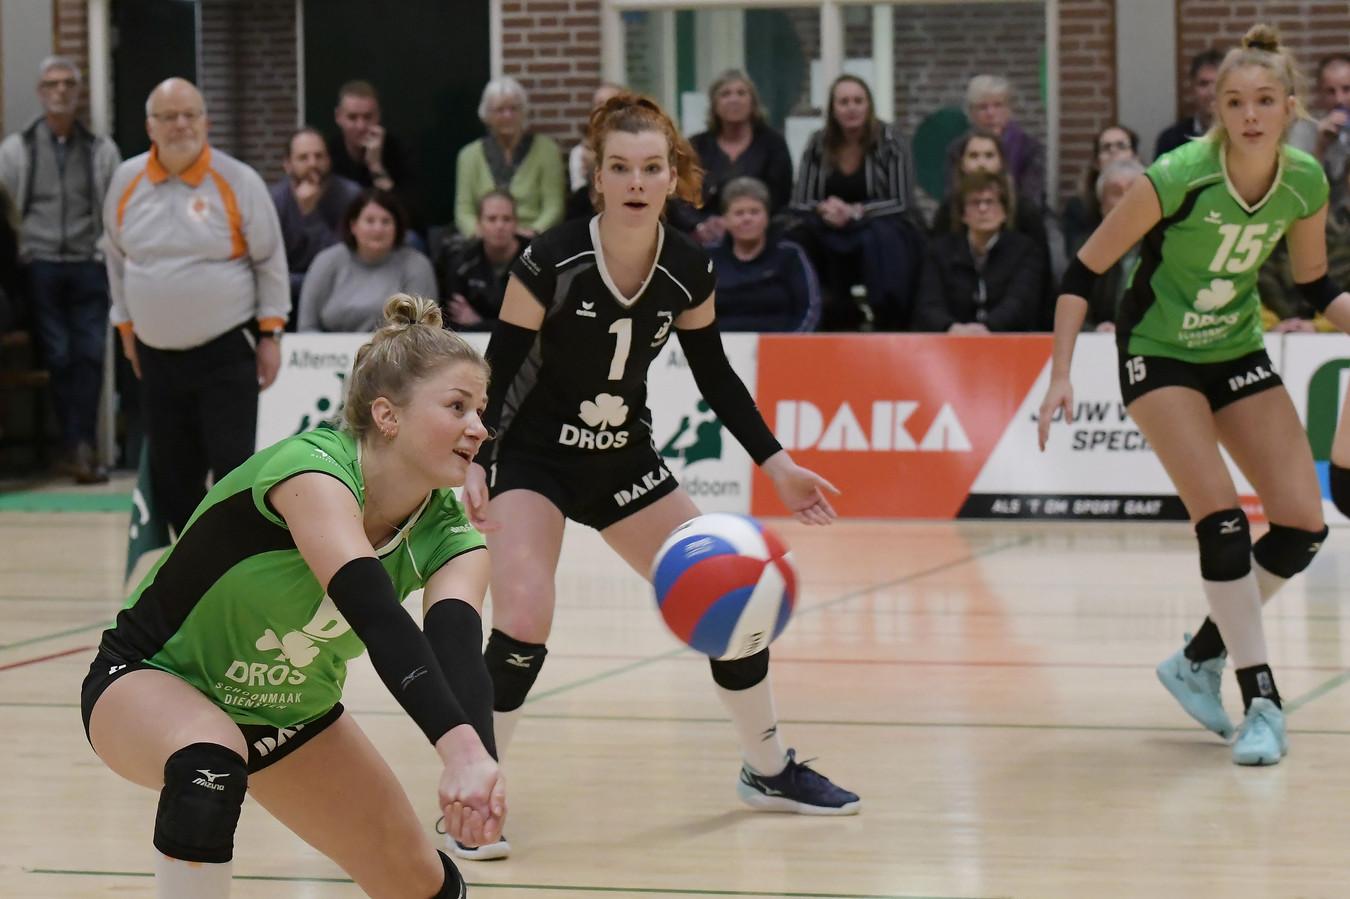 Lauri Luijken verstuurt een pass namens Alterno in de met 3-1 gewonnen thuiswedstrijd tegen FAST. Ploeggenoten Yvette Visser en Anna Zijl kijken toe.